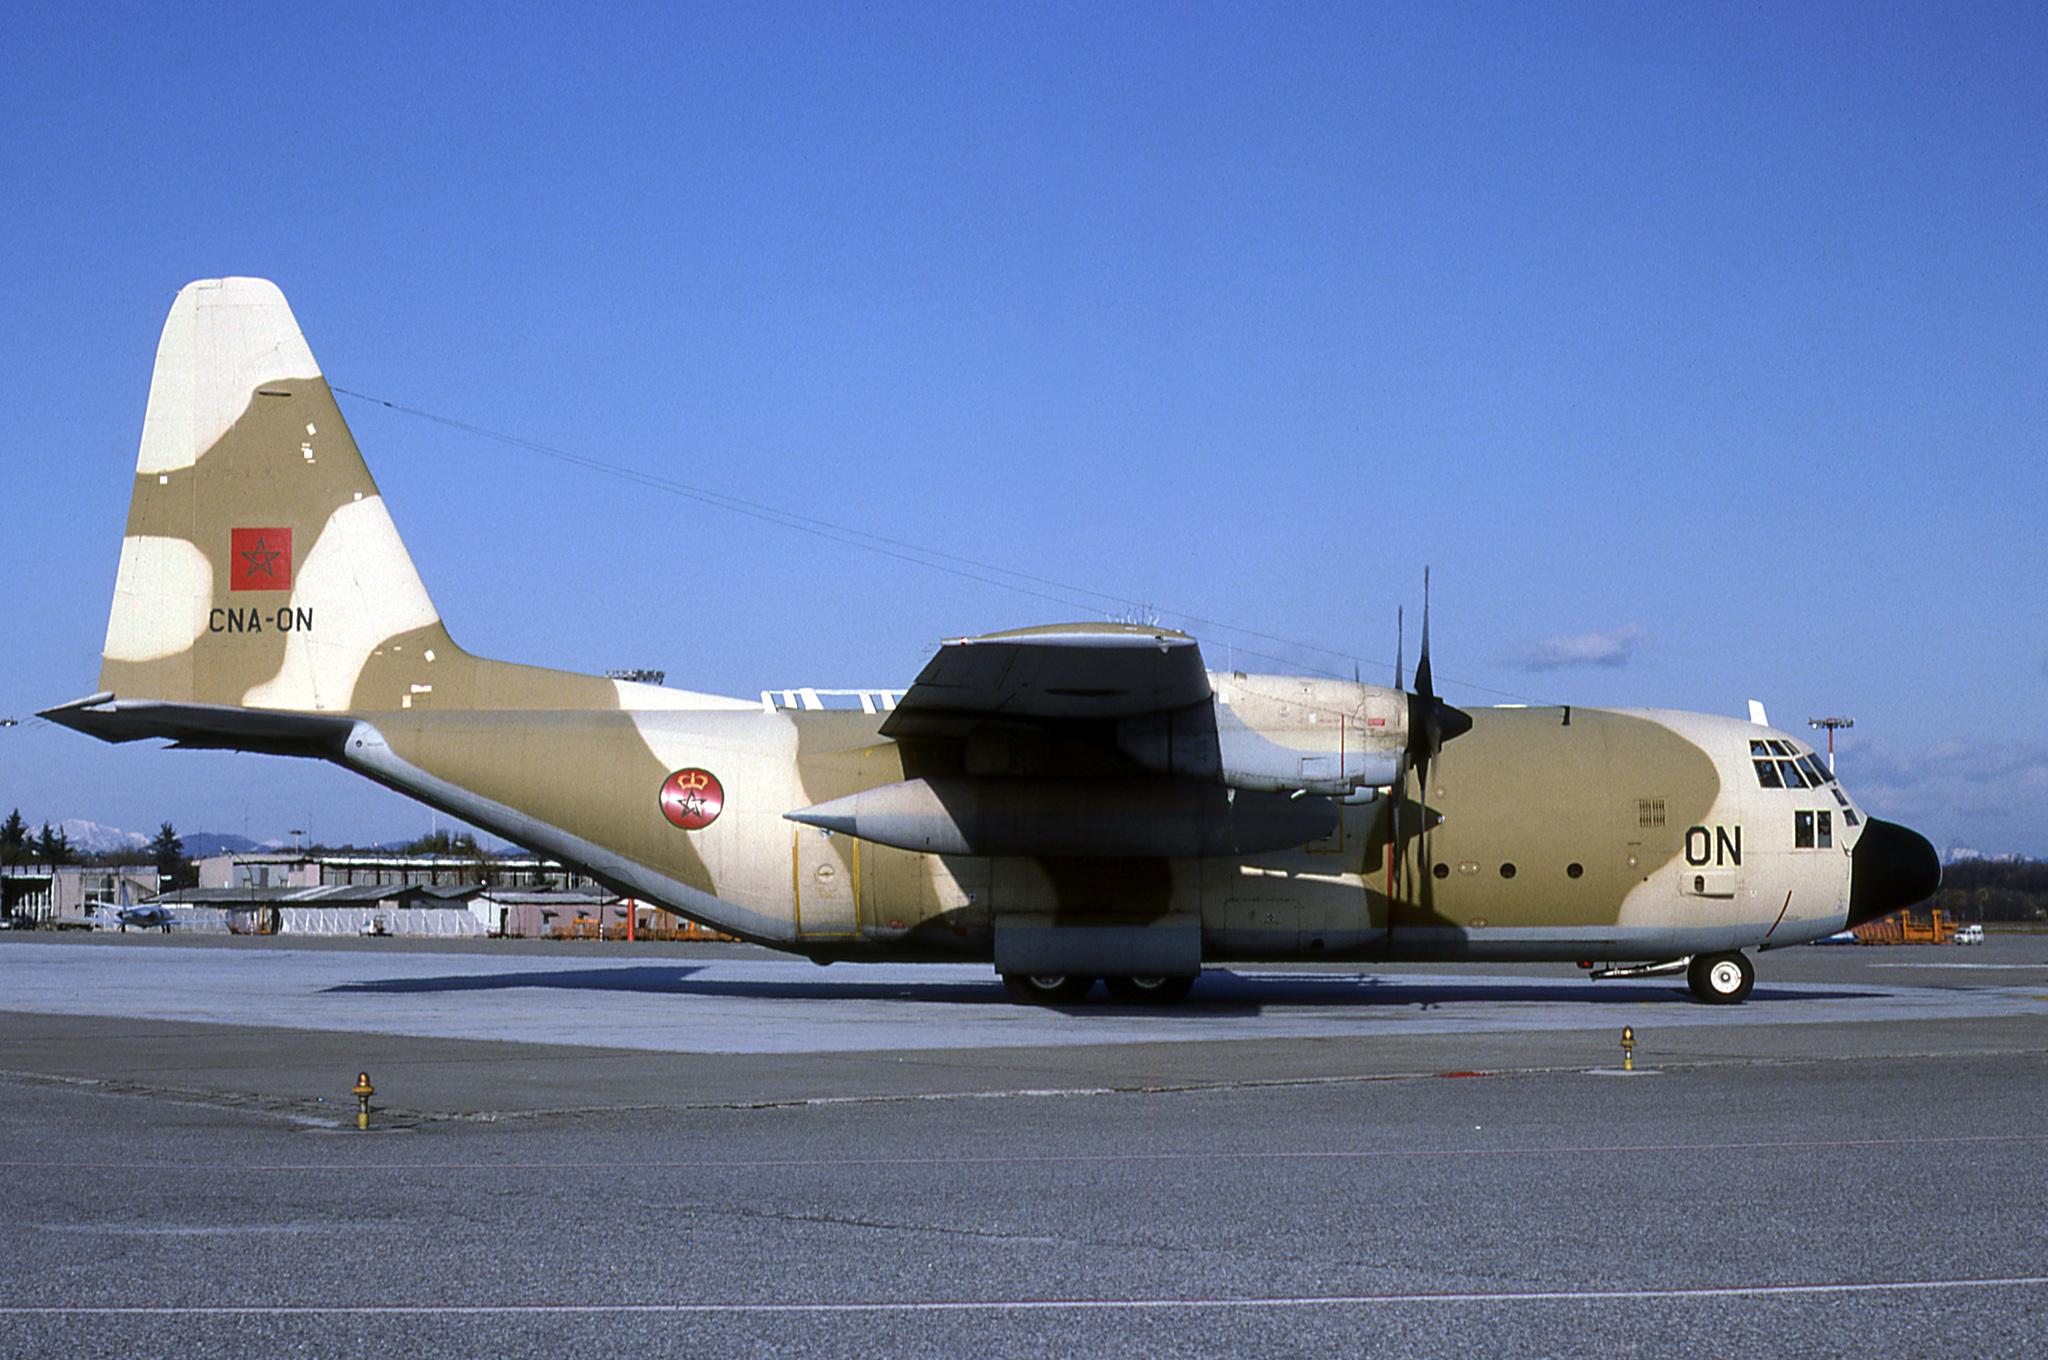 FRA: Photos d'avions de transport - Page 38 48463314871_bde1e01480_o